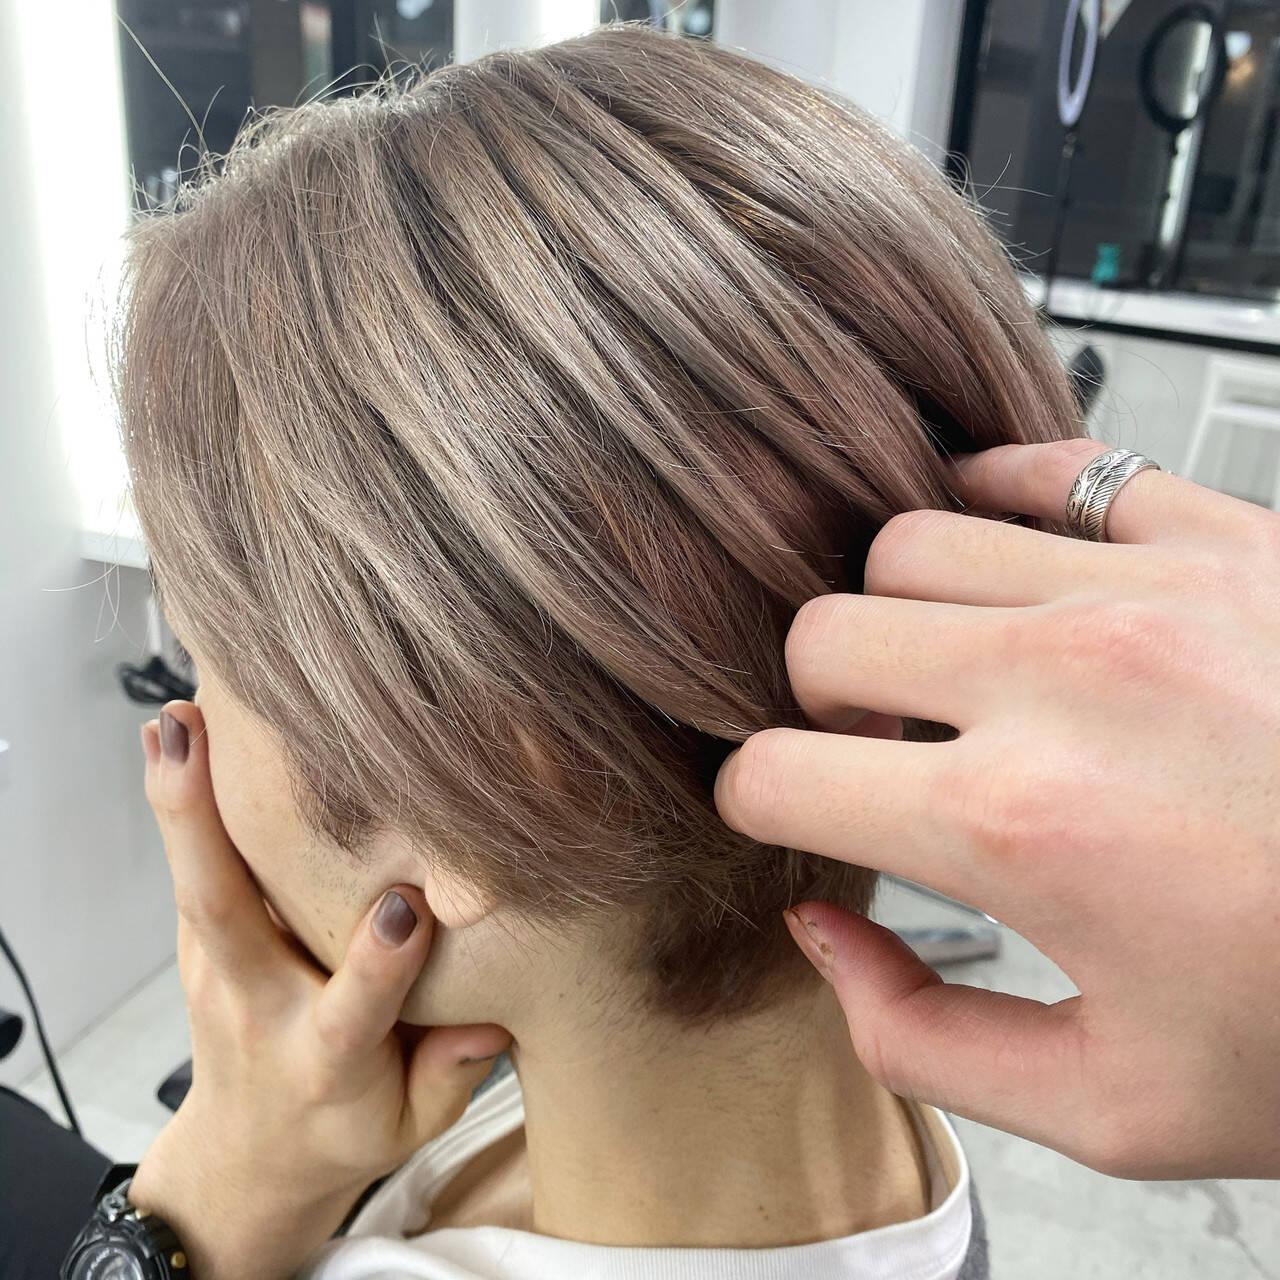 ナチュラル グレージュ ブリーチ ショートヘアスタイルや髪型の写真・画像